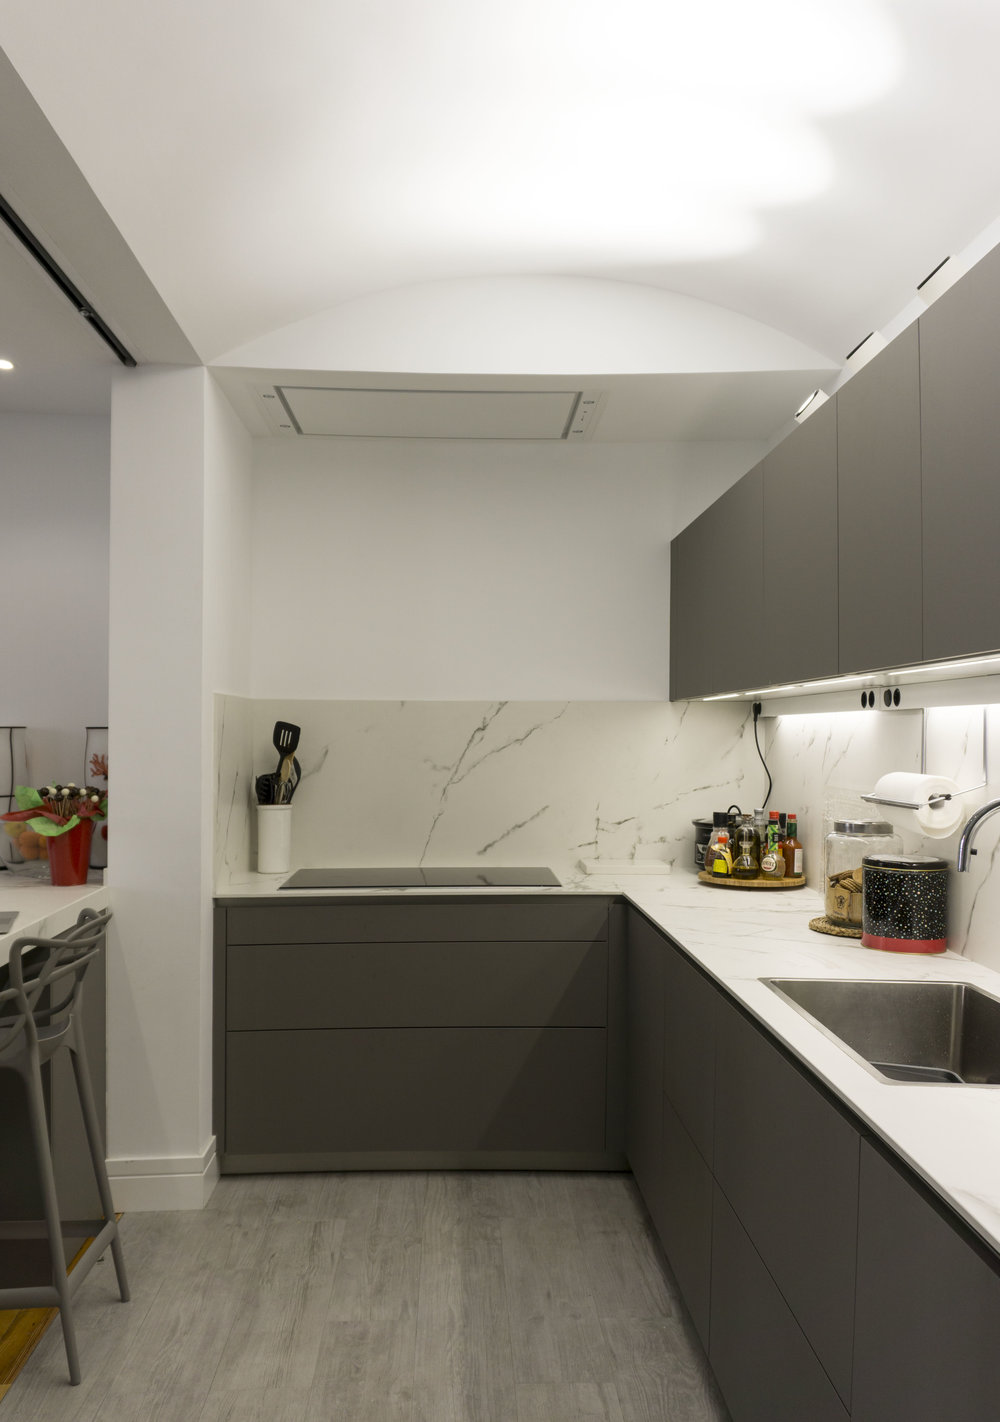 diseño reformas slow emmme studio 03 cocina vivienda Ayala SM.jpg